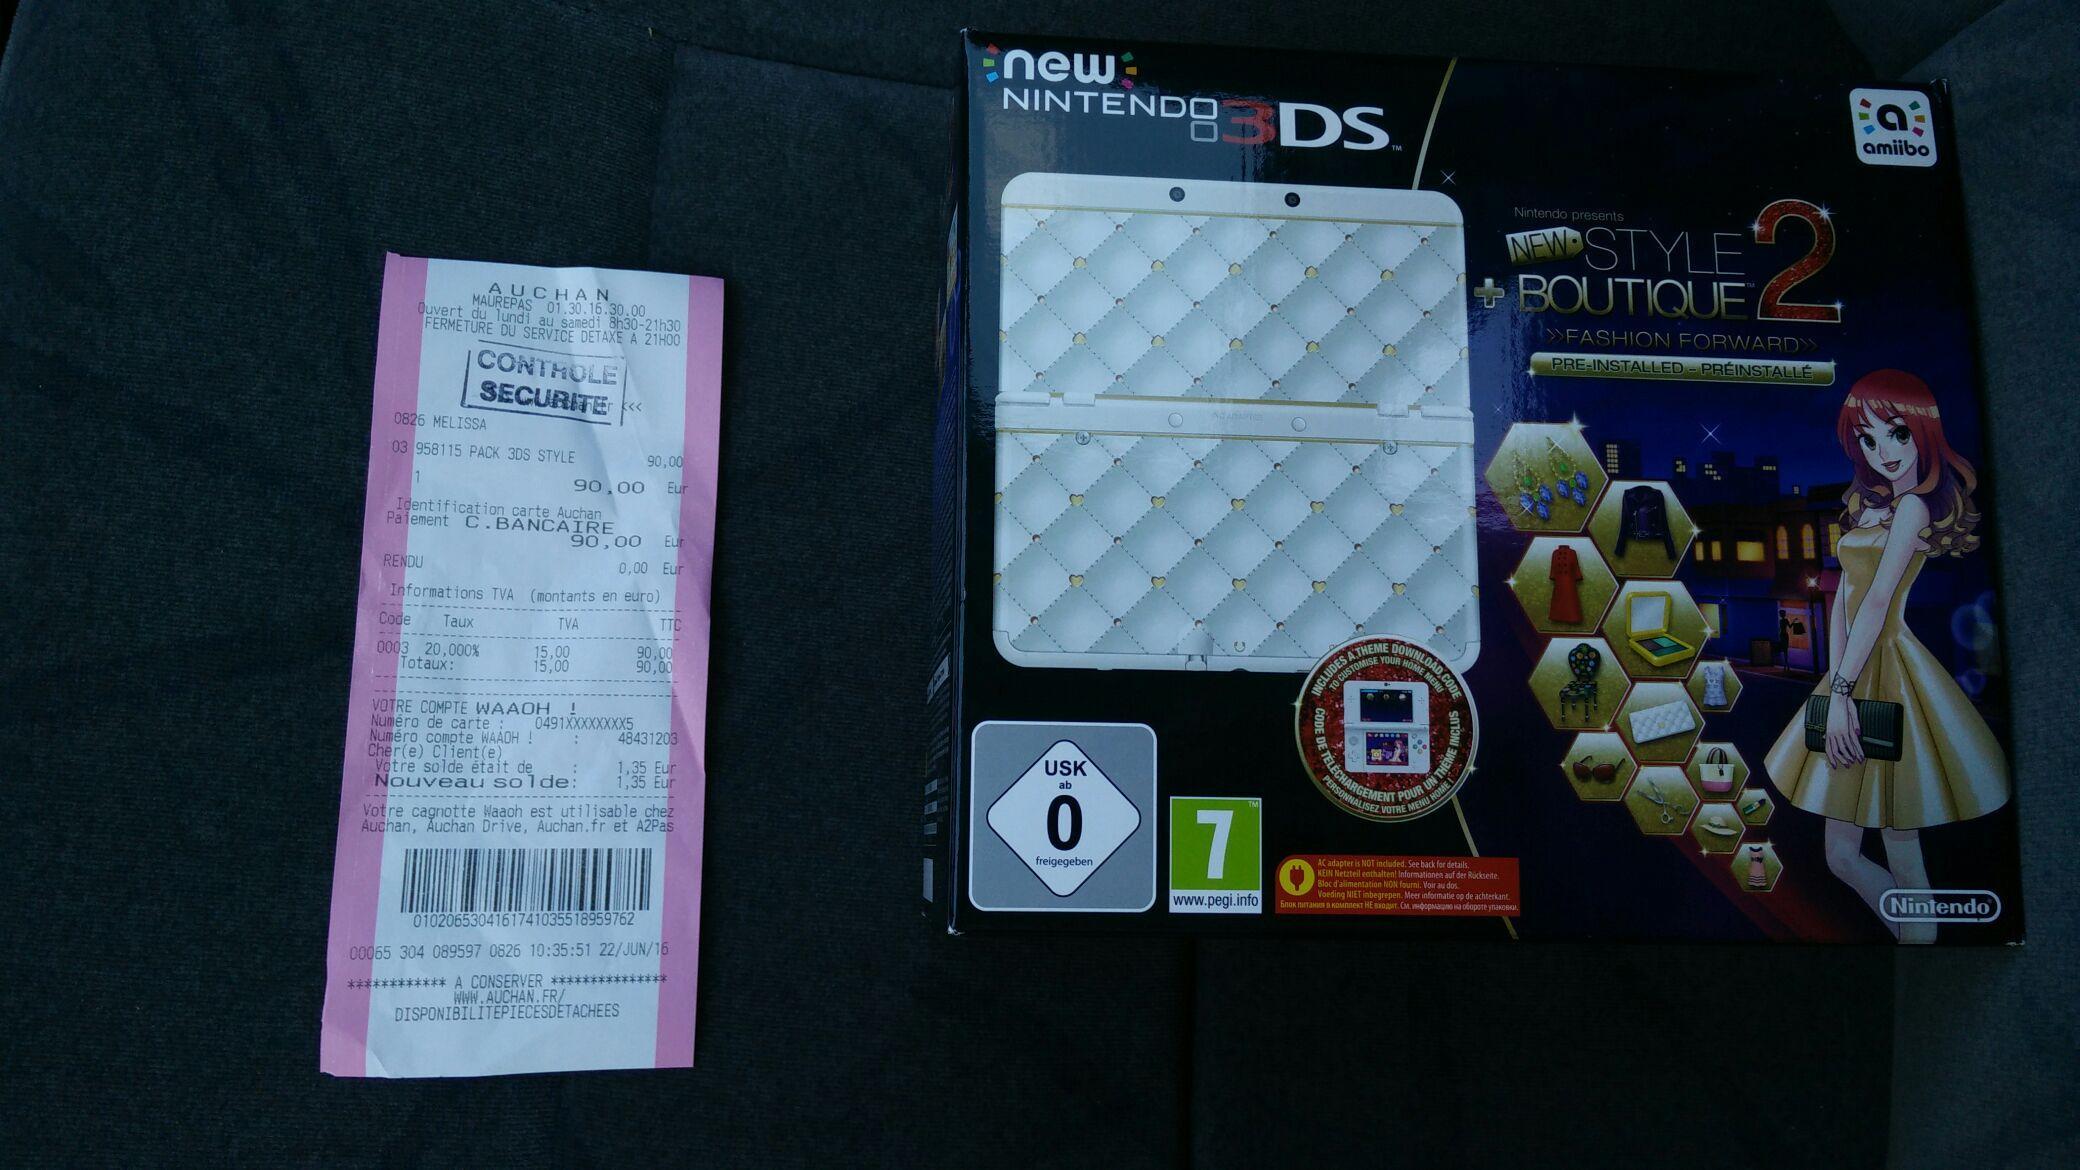 Sélection de consoles Nintendo New 3DS en soldes - Ex : New 3DS + New Style Boutique 2